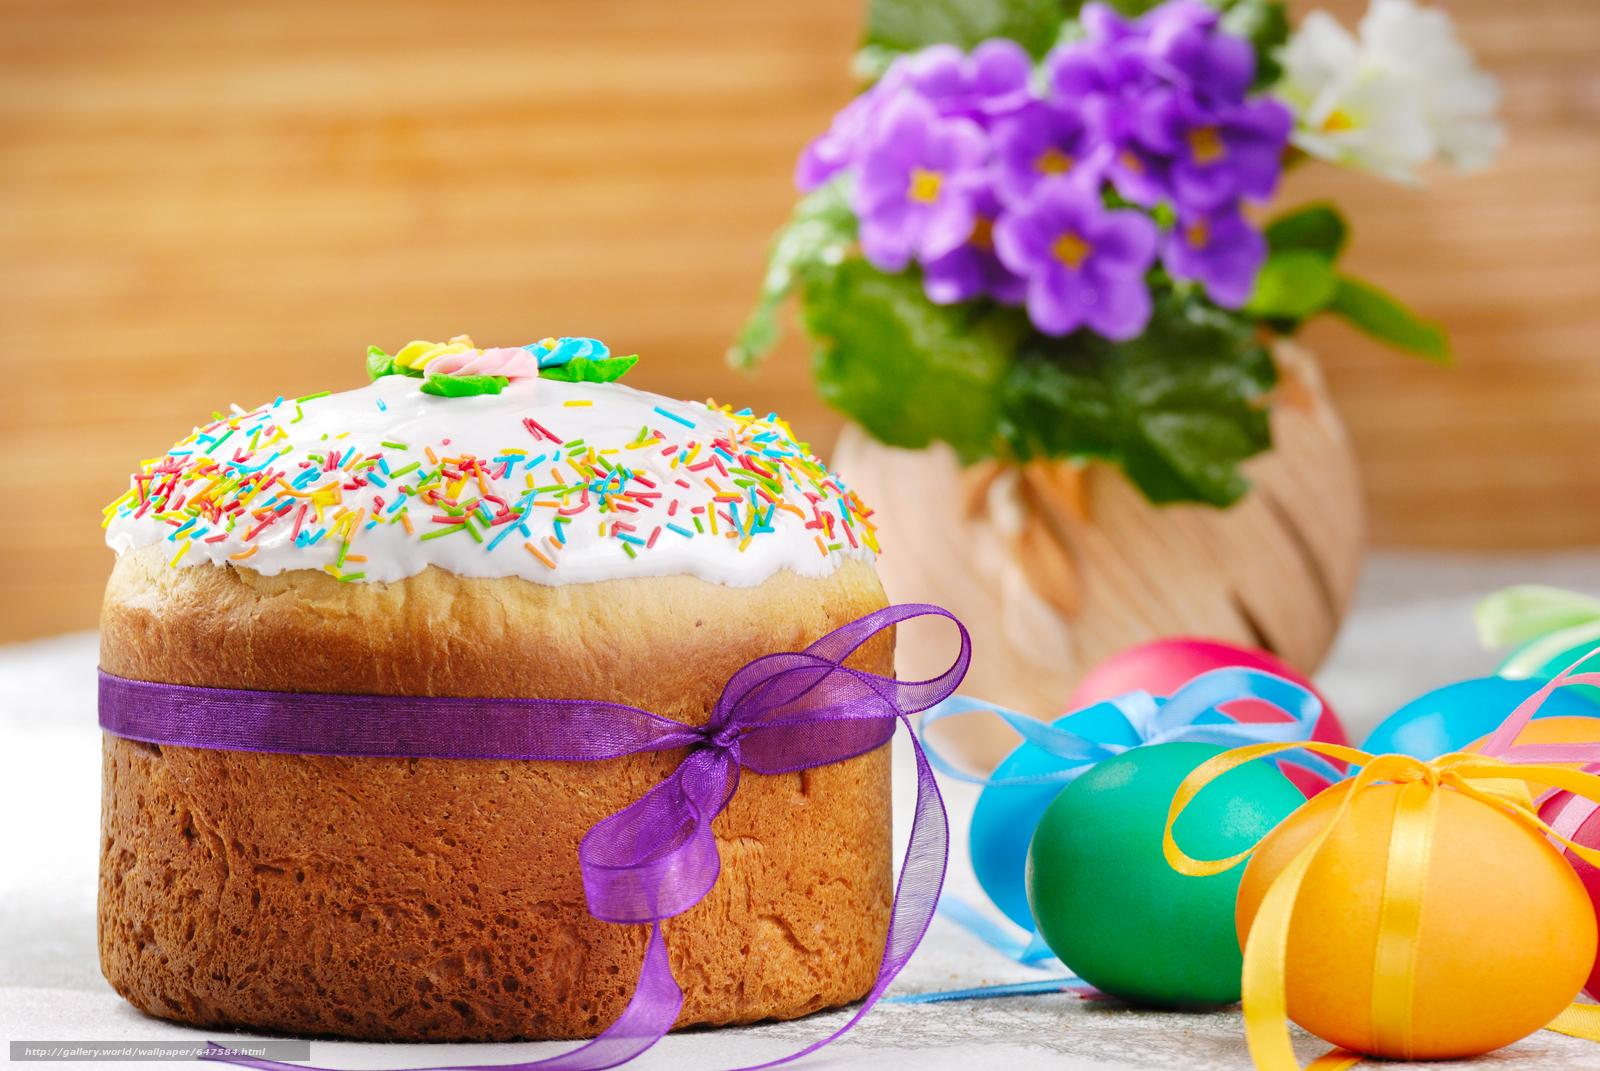 Descargar gratis Pastel de Pascua,  huevos,  fiesta Fondos de escritorio en la resolucin 7744x5184 — imagen №647584